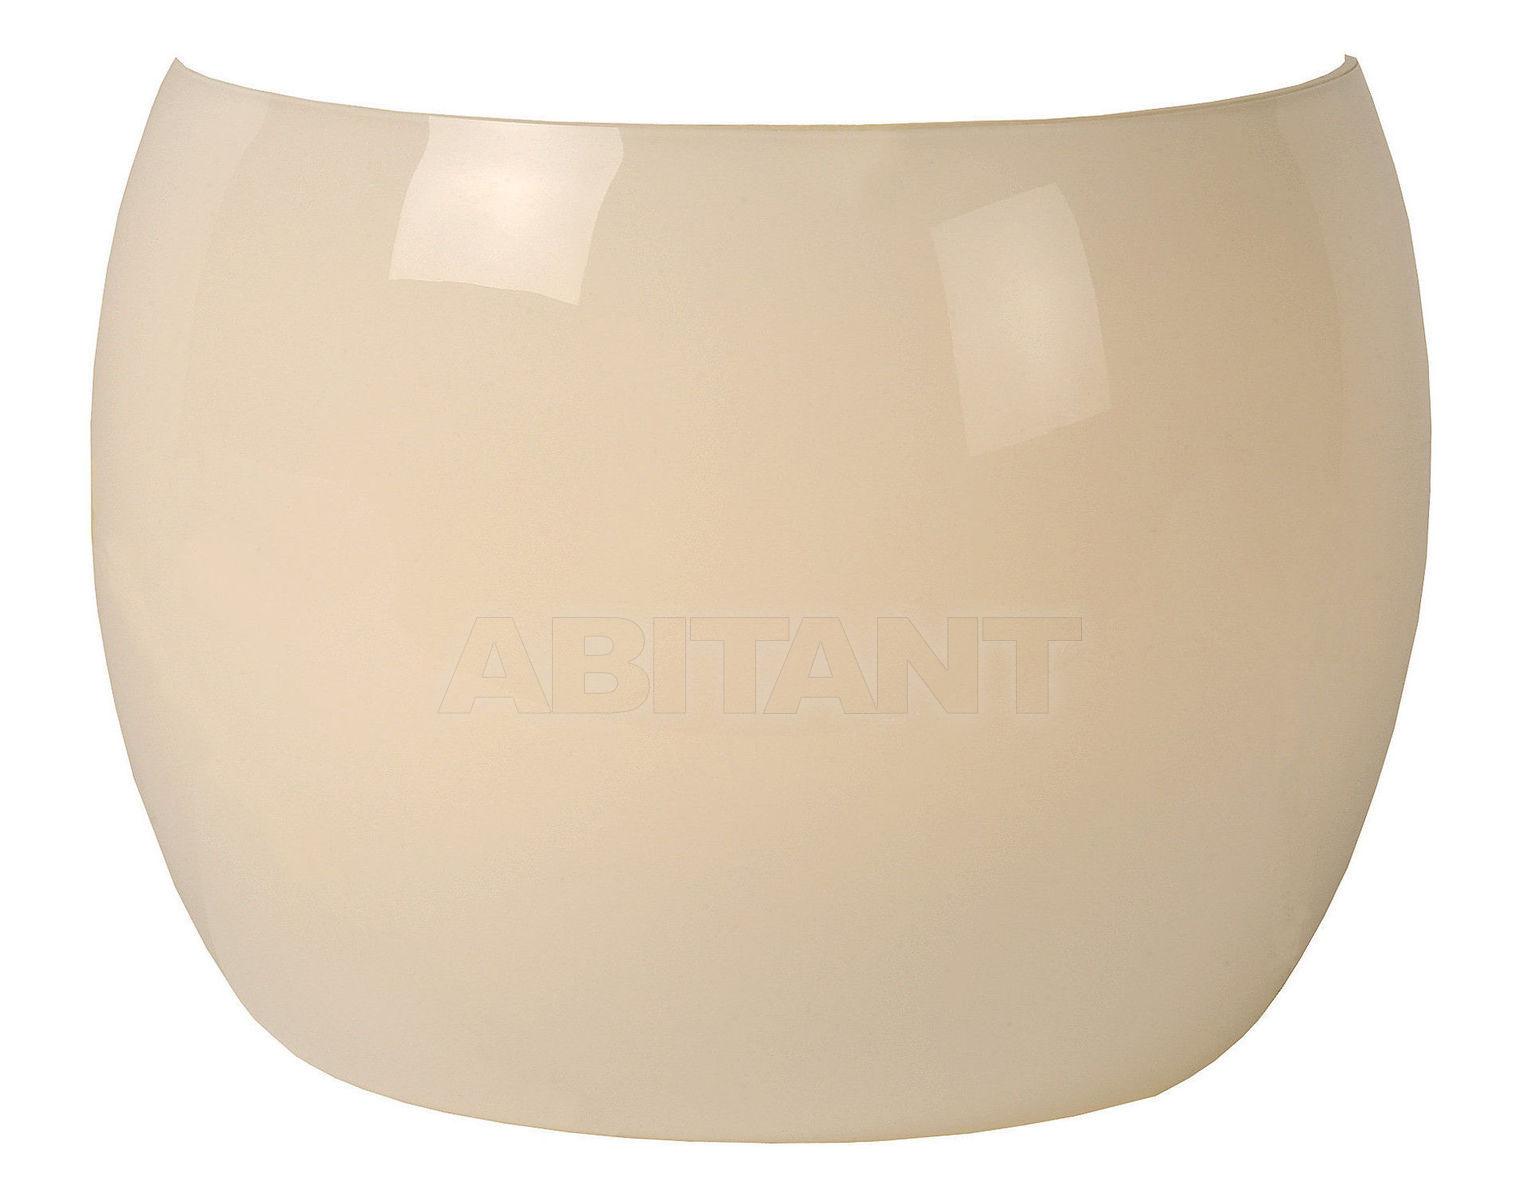 Купить Светильник настенный AMBIANCE Lucide  Ceiling & Wall Lights 70220/01/61